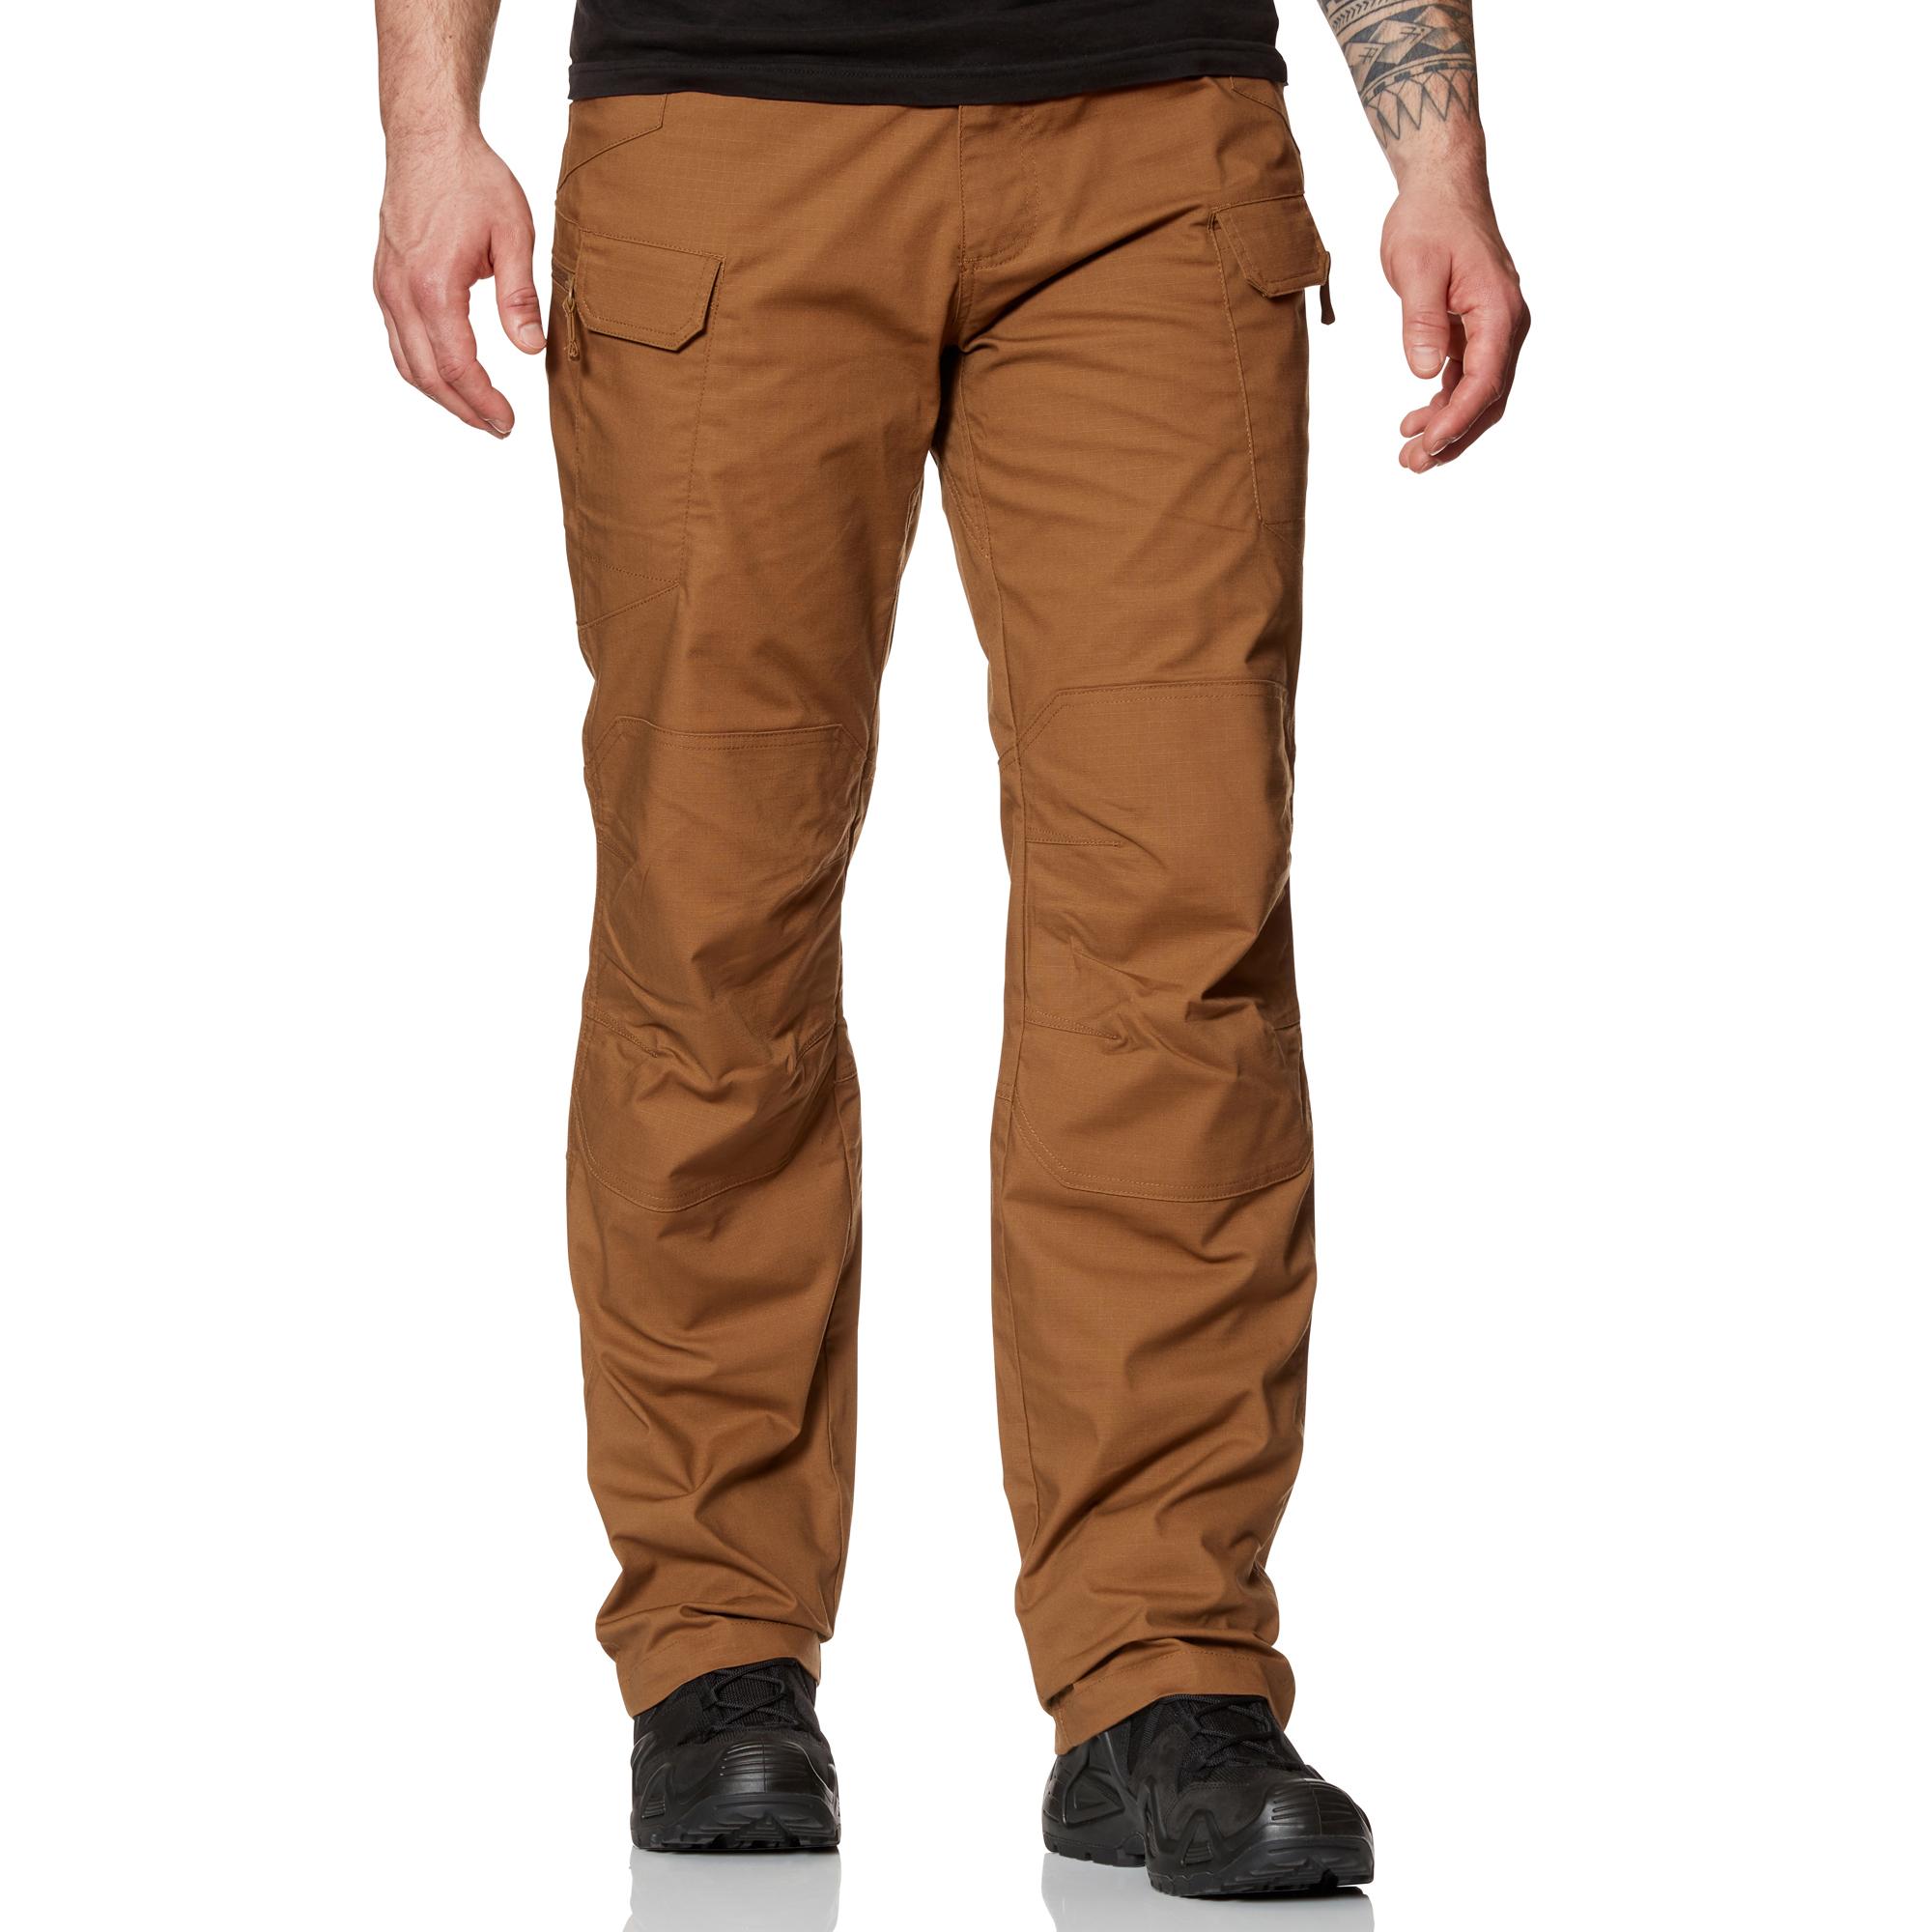 Helikon-Tex Hose UTP Polycotton Ripstop mud brown